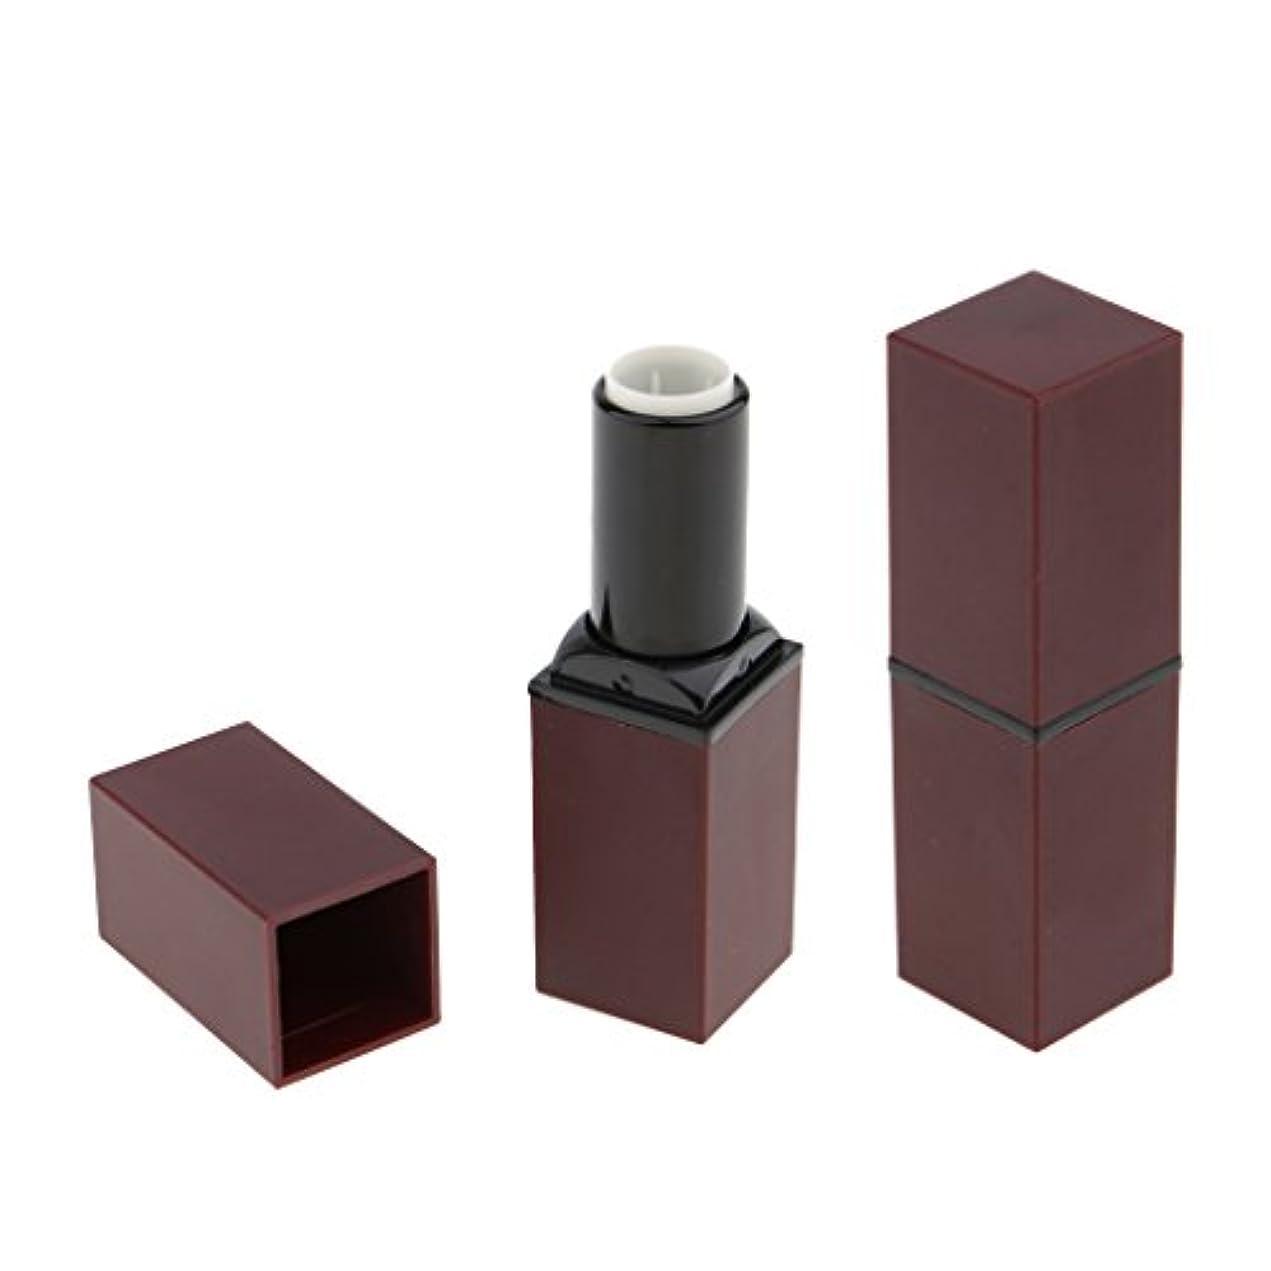 暴力見える成果Baosity 2本 リップスティック リップバーム 口紅 DIY 手作り 空チューブ 12.1 mm 口紅モデル 便利 全4色 - 紫